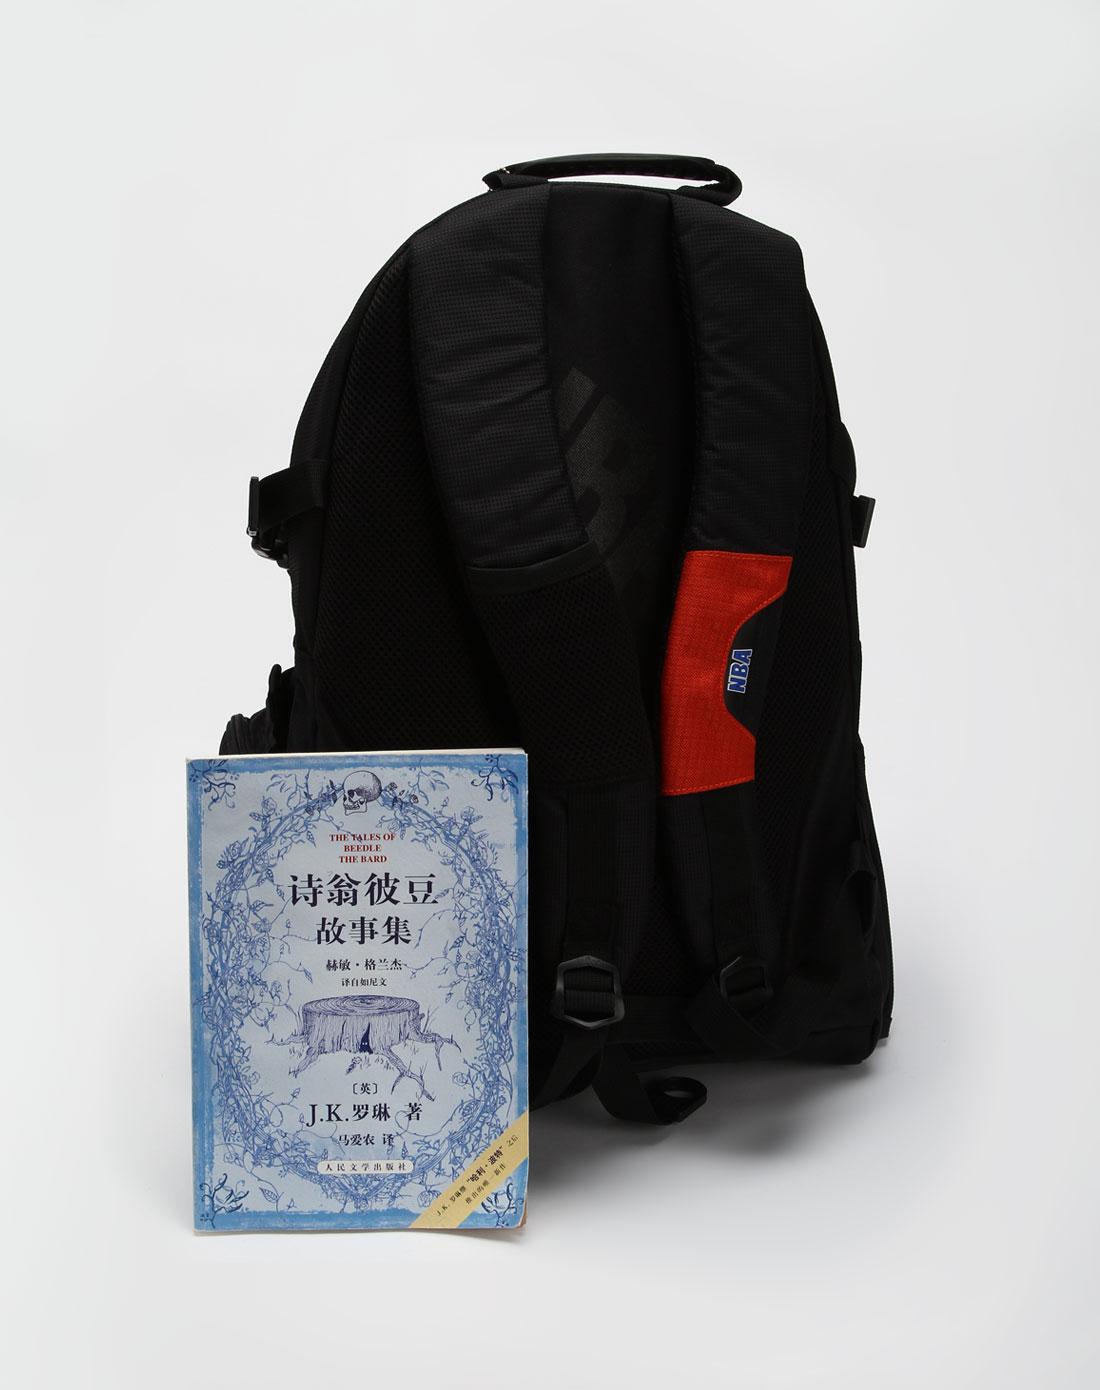 中性黑/橙色森林狼炫酷系列背包